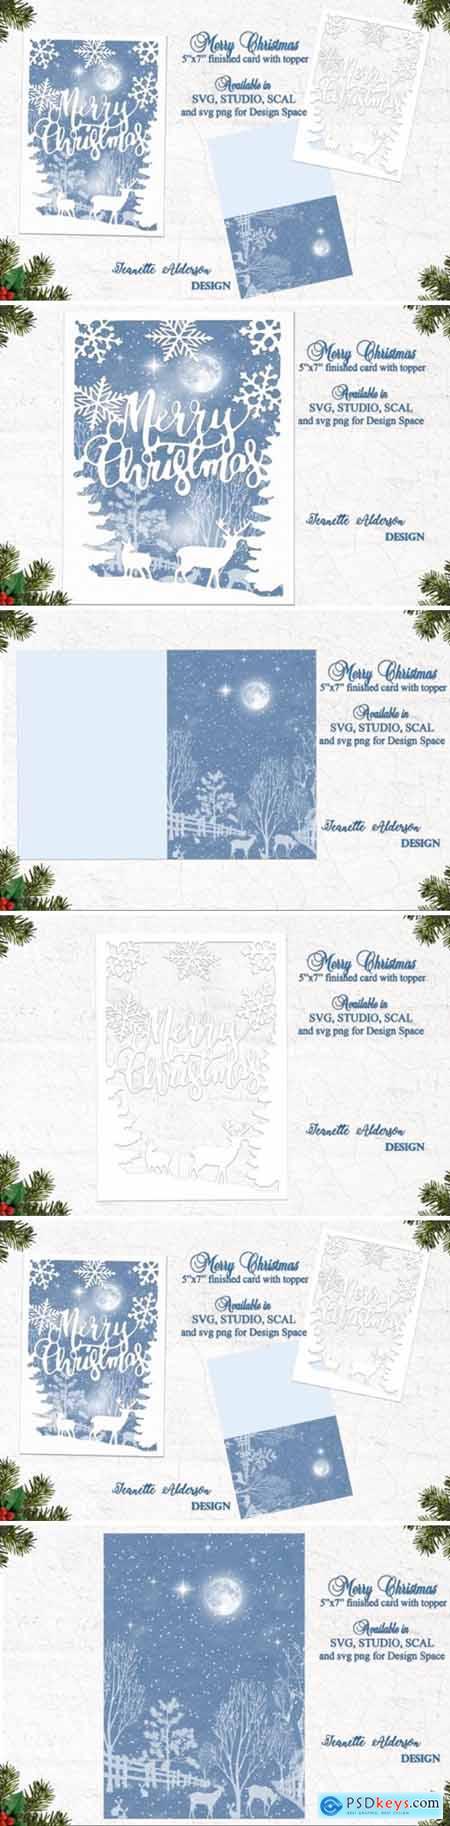 Merry Christmas Reindeer Snowflake Card 6526408